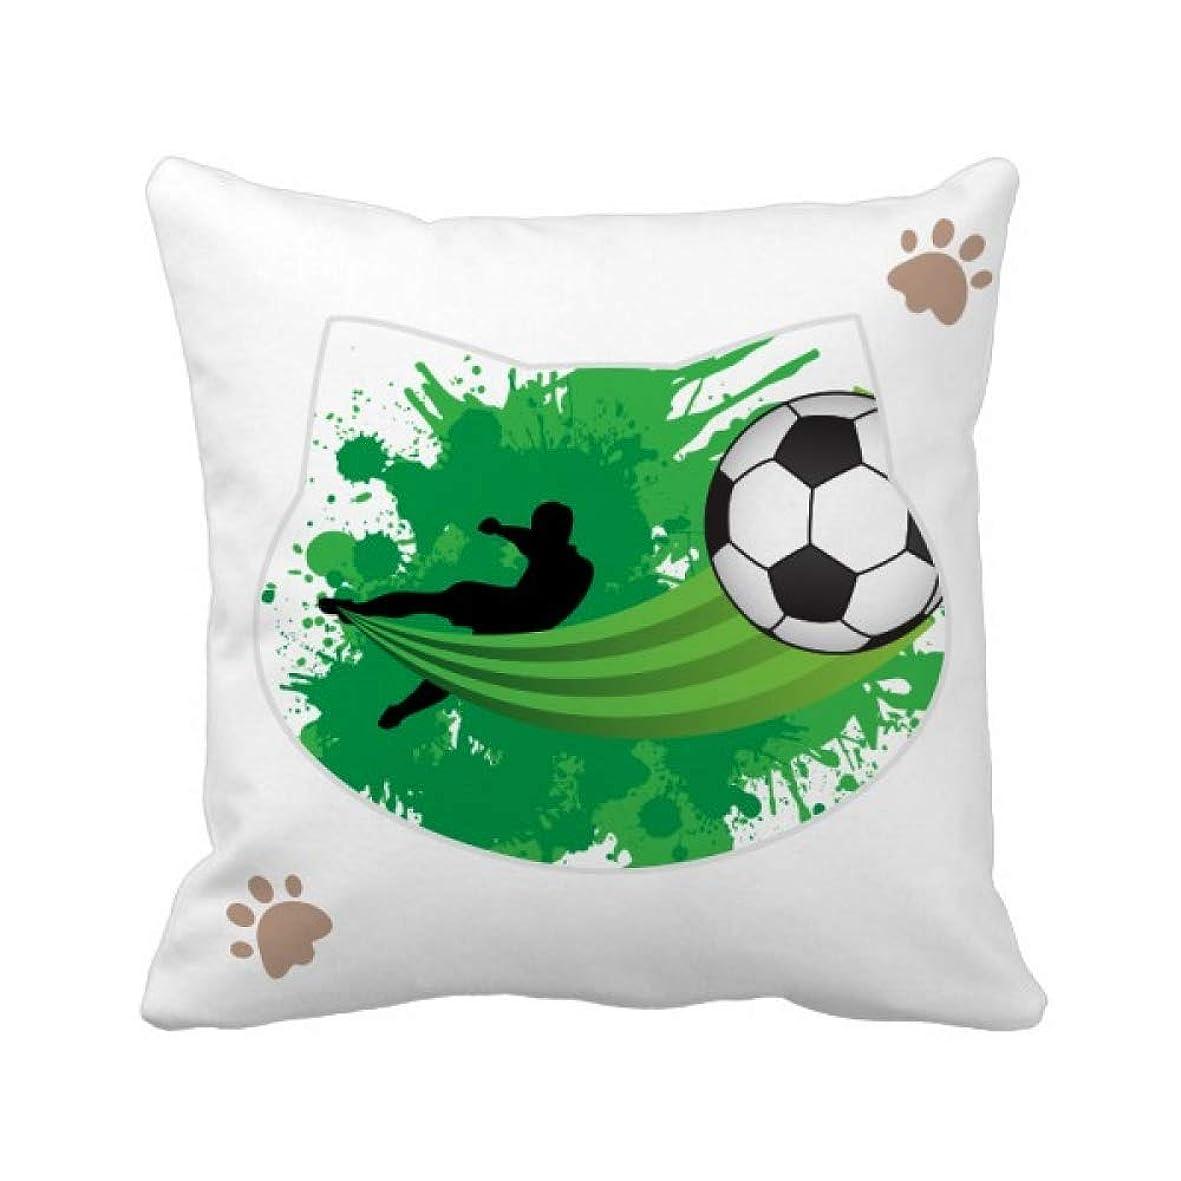 はがき実証する時代遅れハエサッカースポーツあなたのテキスト 枕カバーを放り投げる猫広場 50cm x 50cm